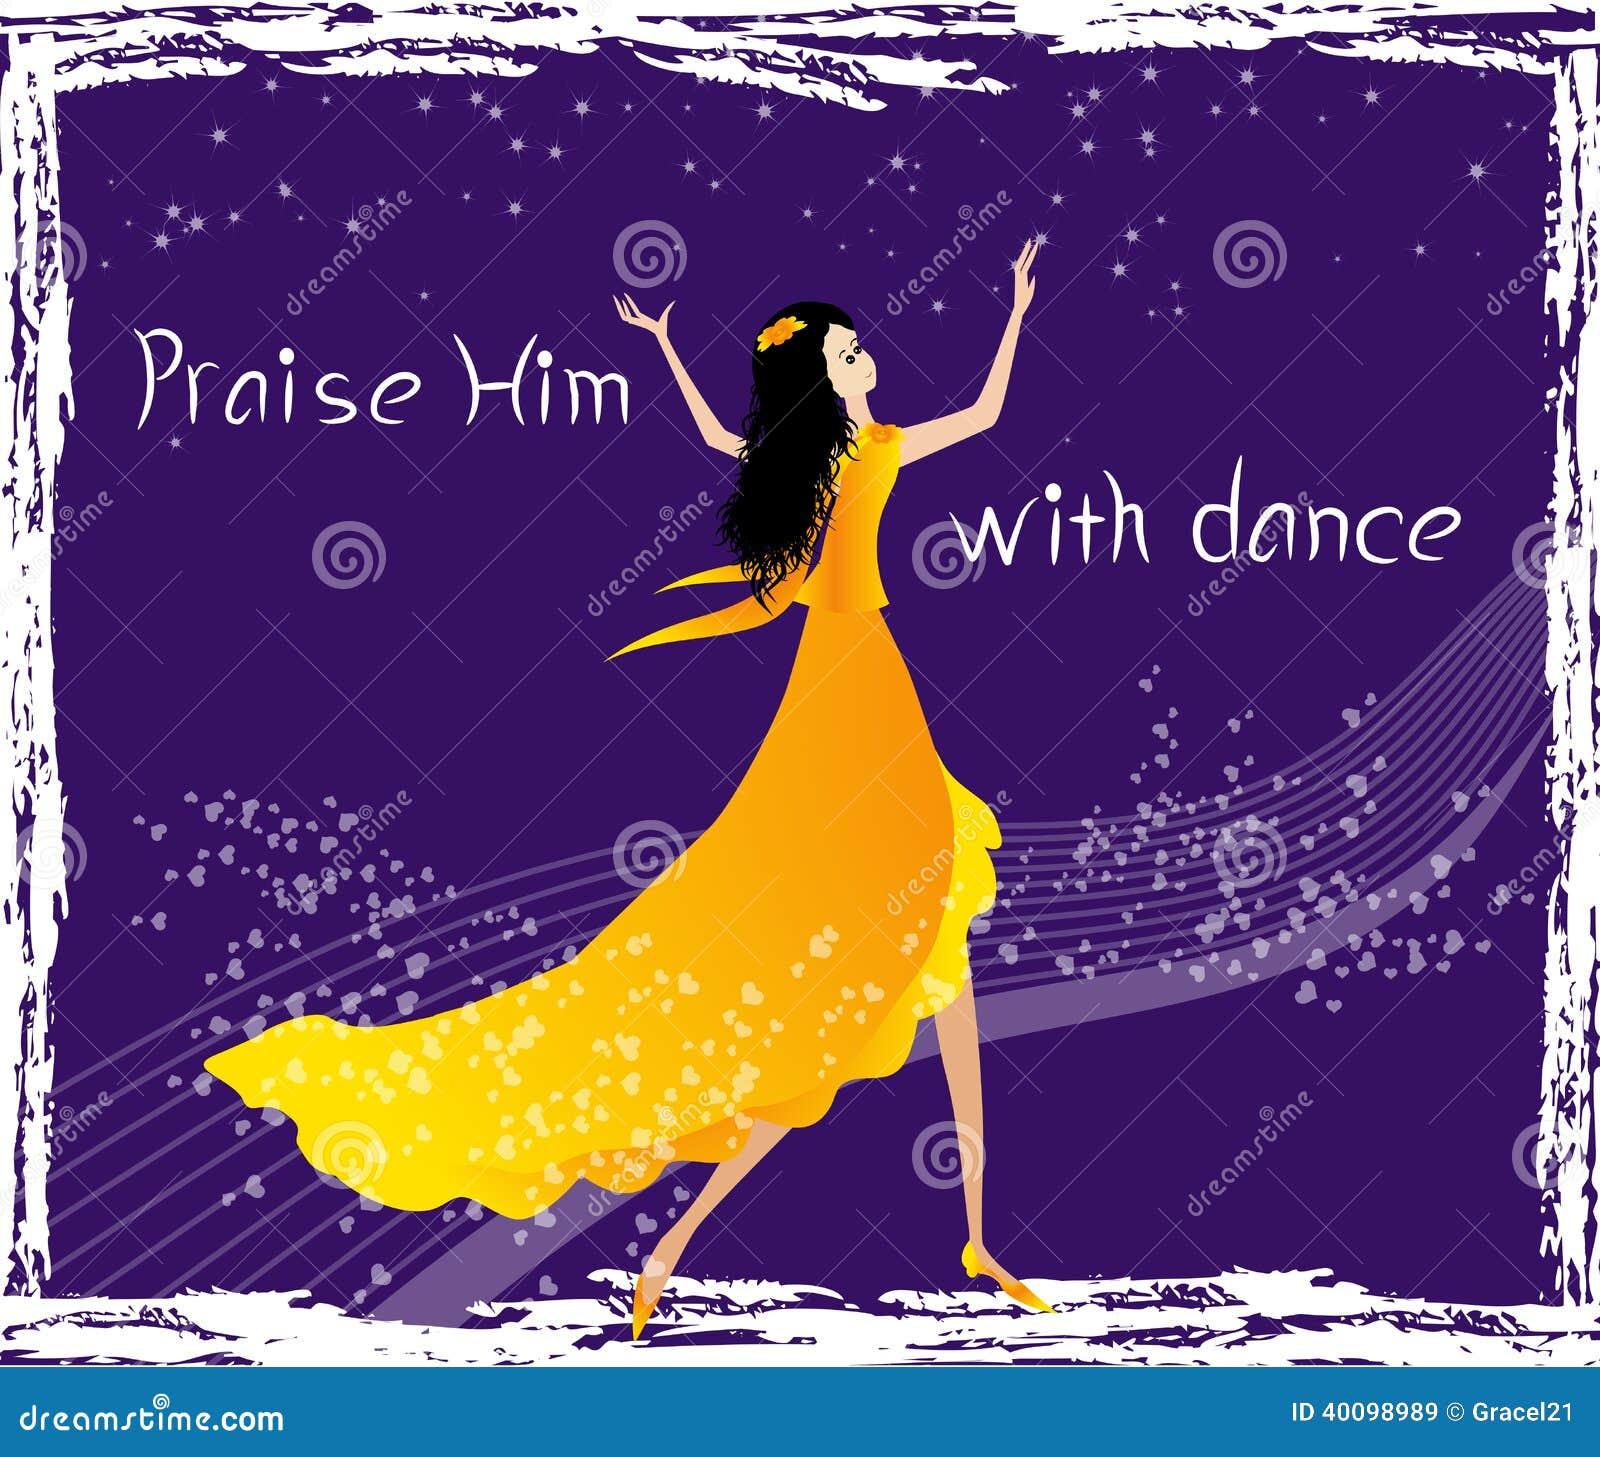 Elogíelo con danza